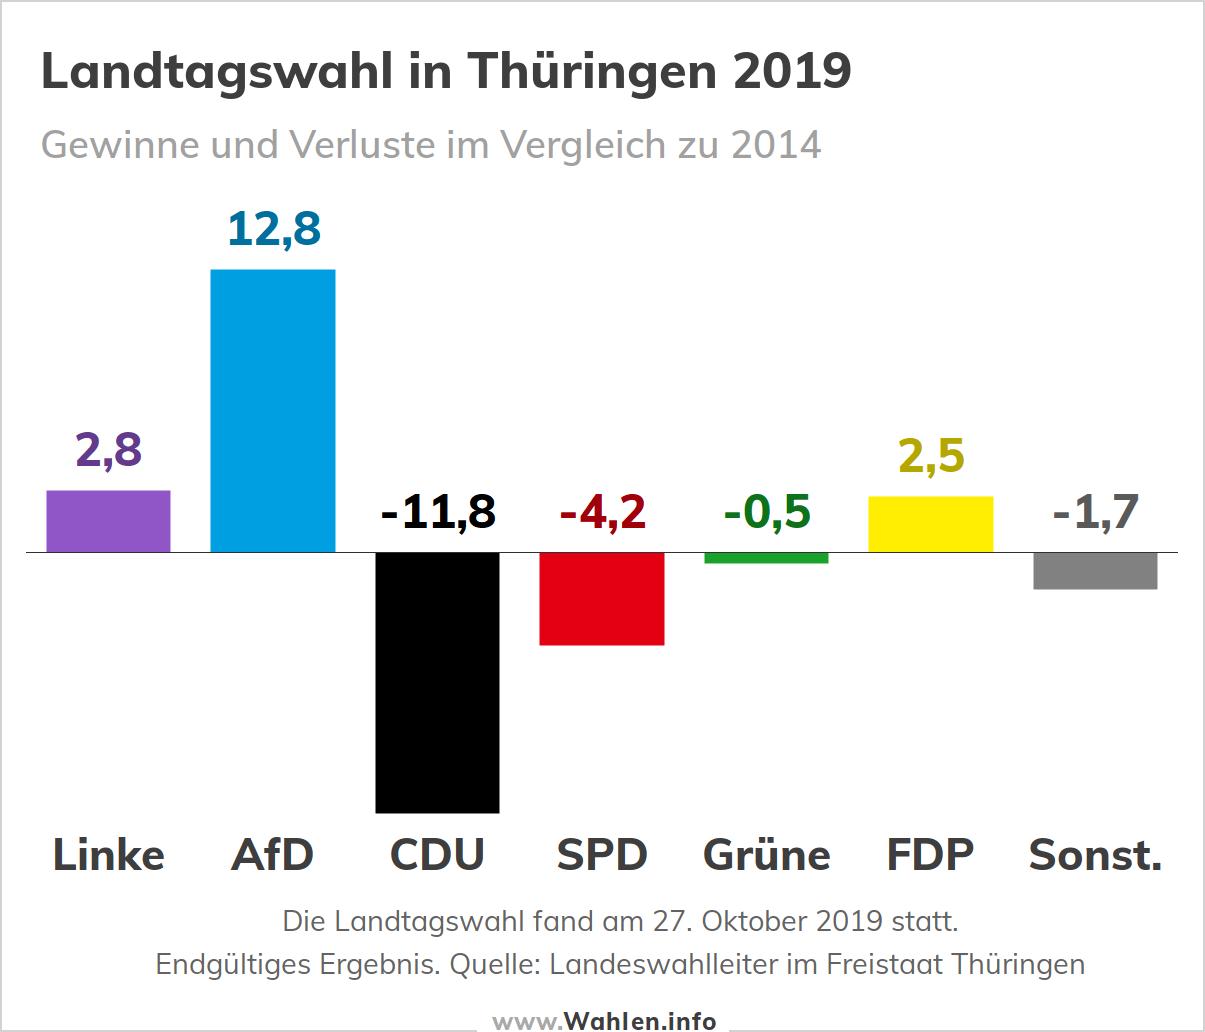 Landtagswahl in Thüringen (Wahlergebnis)